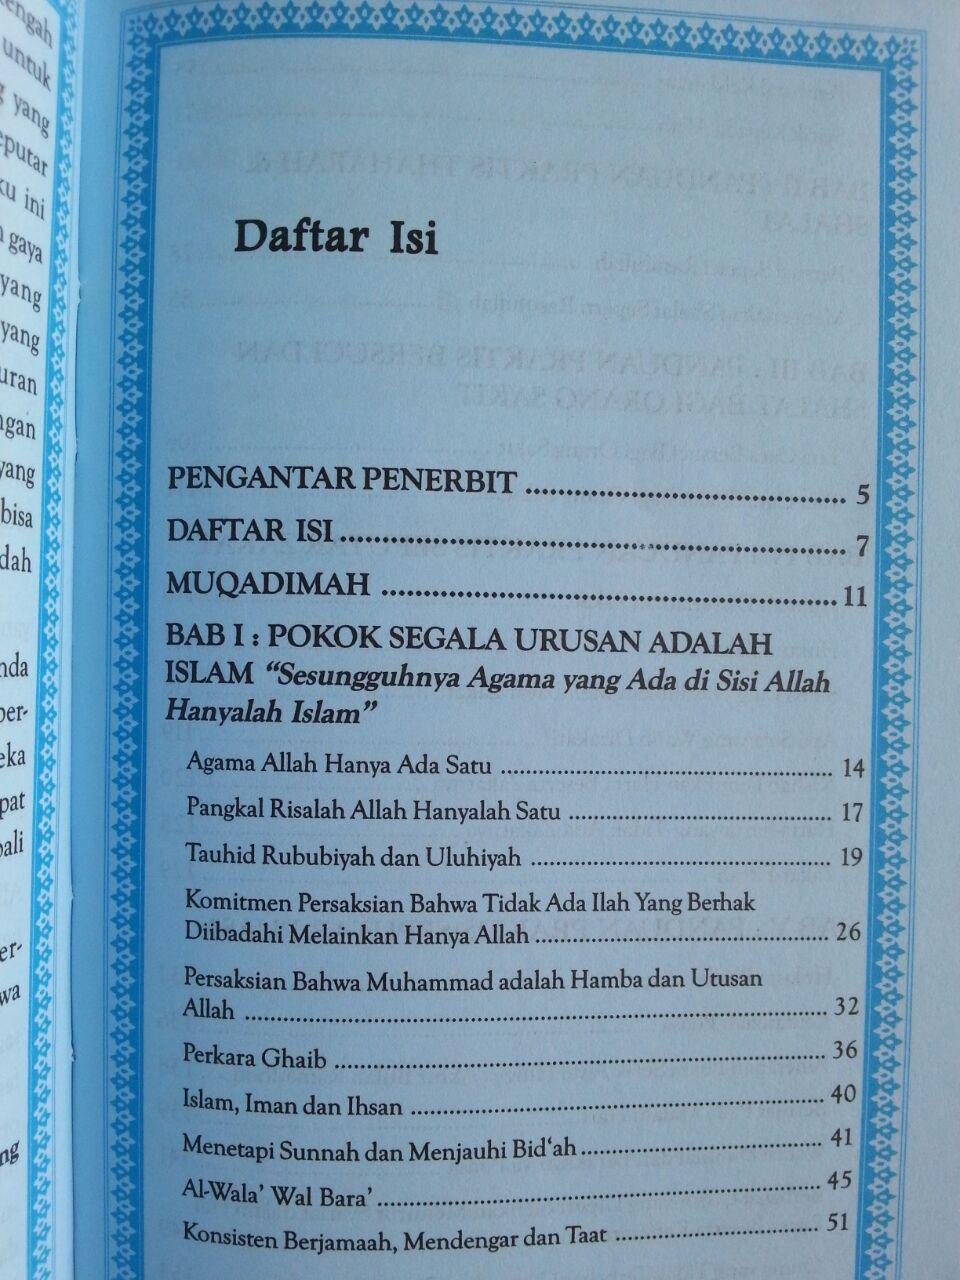 Buku Panduan Praktis Ibadah Sehari-Hari isi